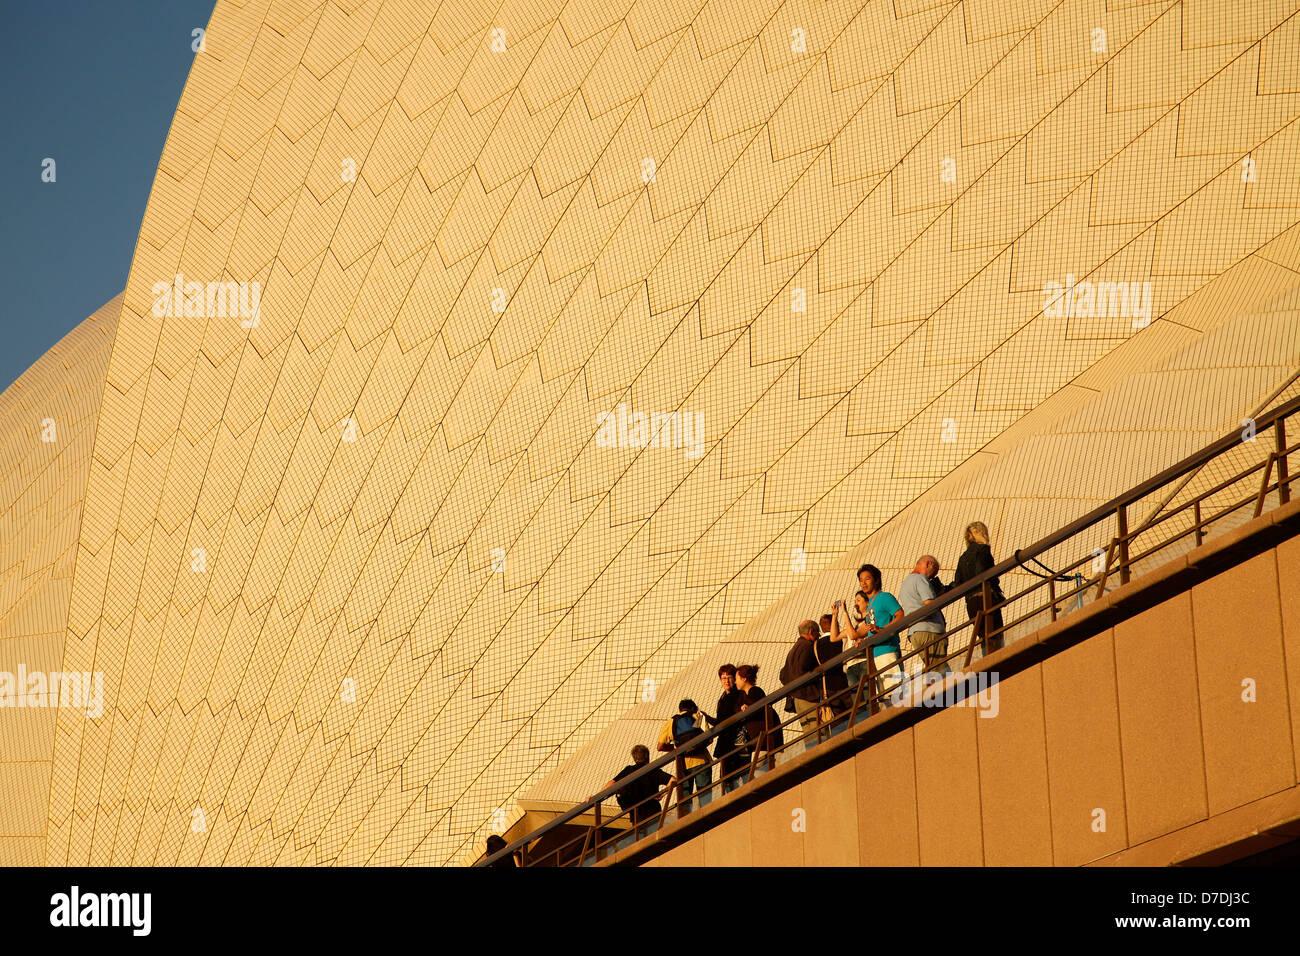 Les touristes en face de l'immense toit du célèbre opéra de Sydney, New South Wales, Australia Photo Stock